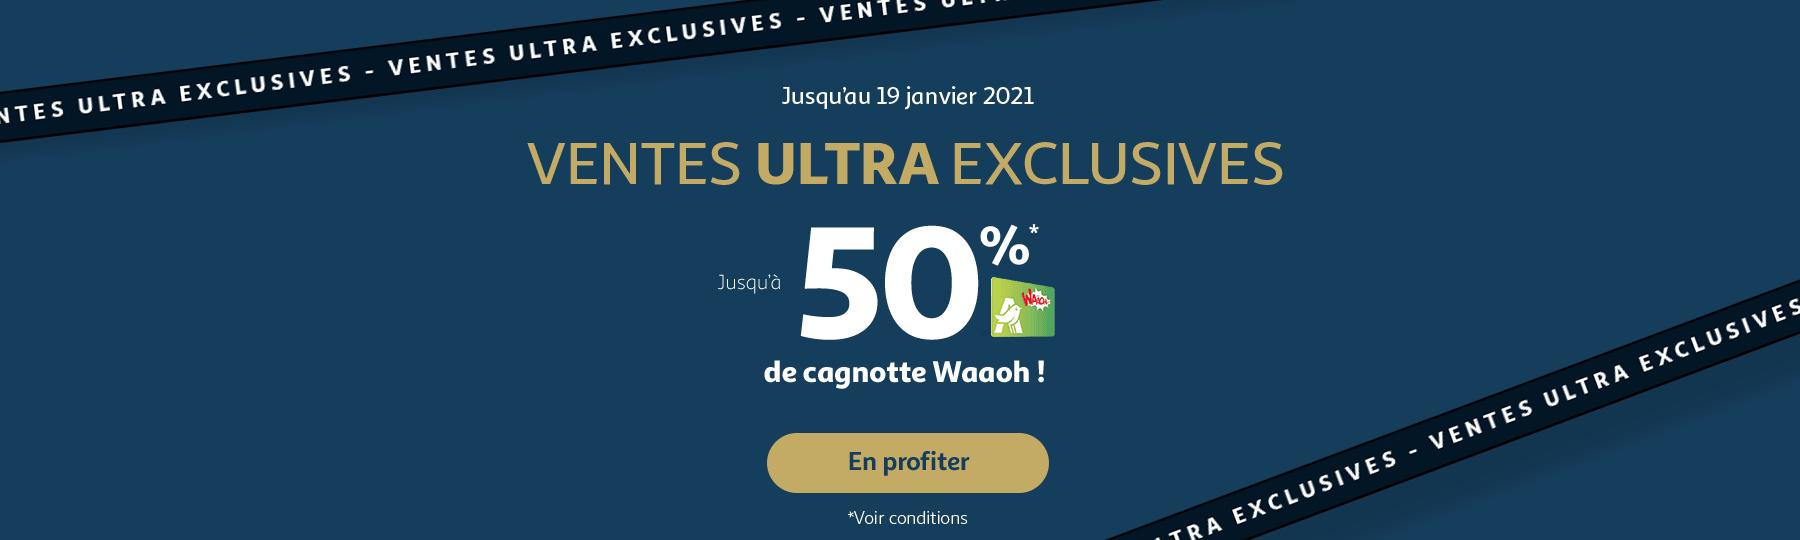 Ventes ultra exclusives, jusqu'à -50% de cagnotte Waaoh ! Jusqu'au 19 janvier 2021